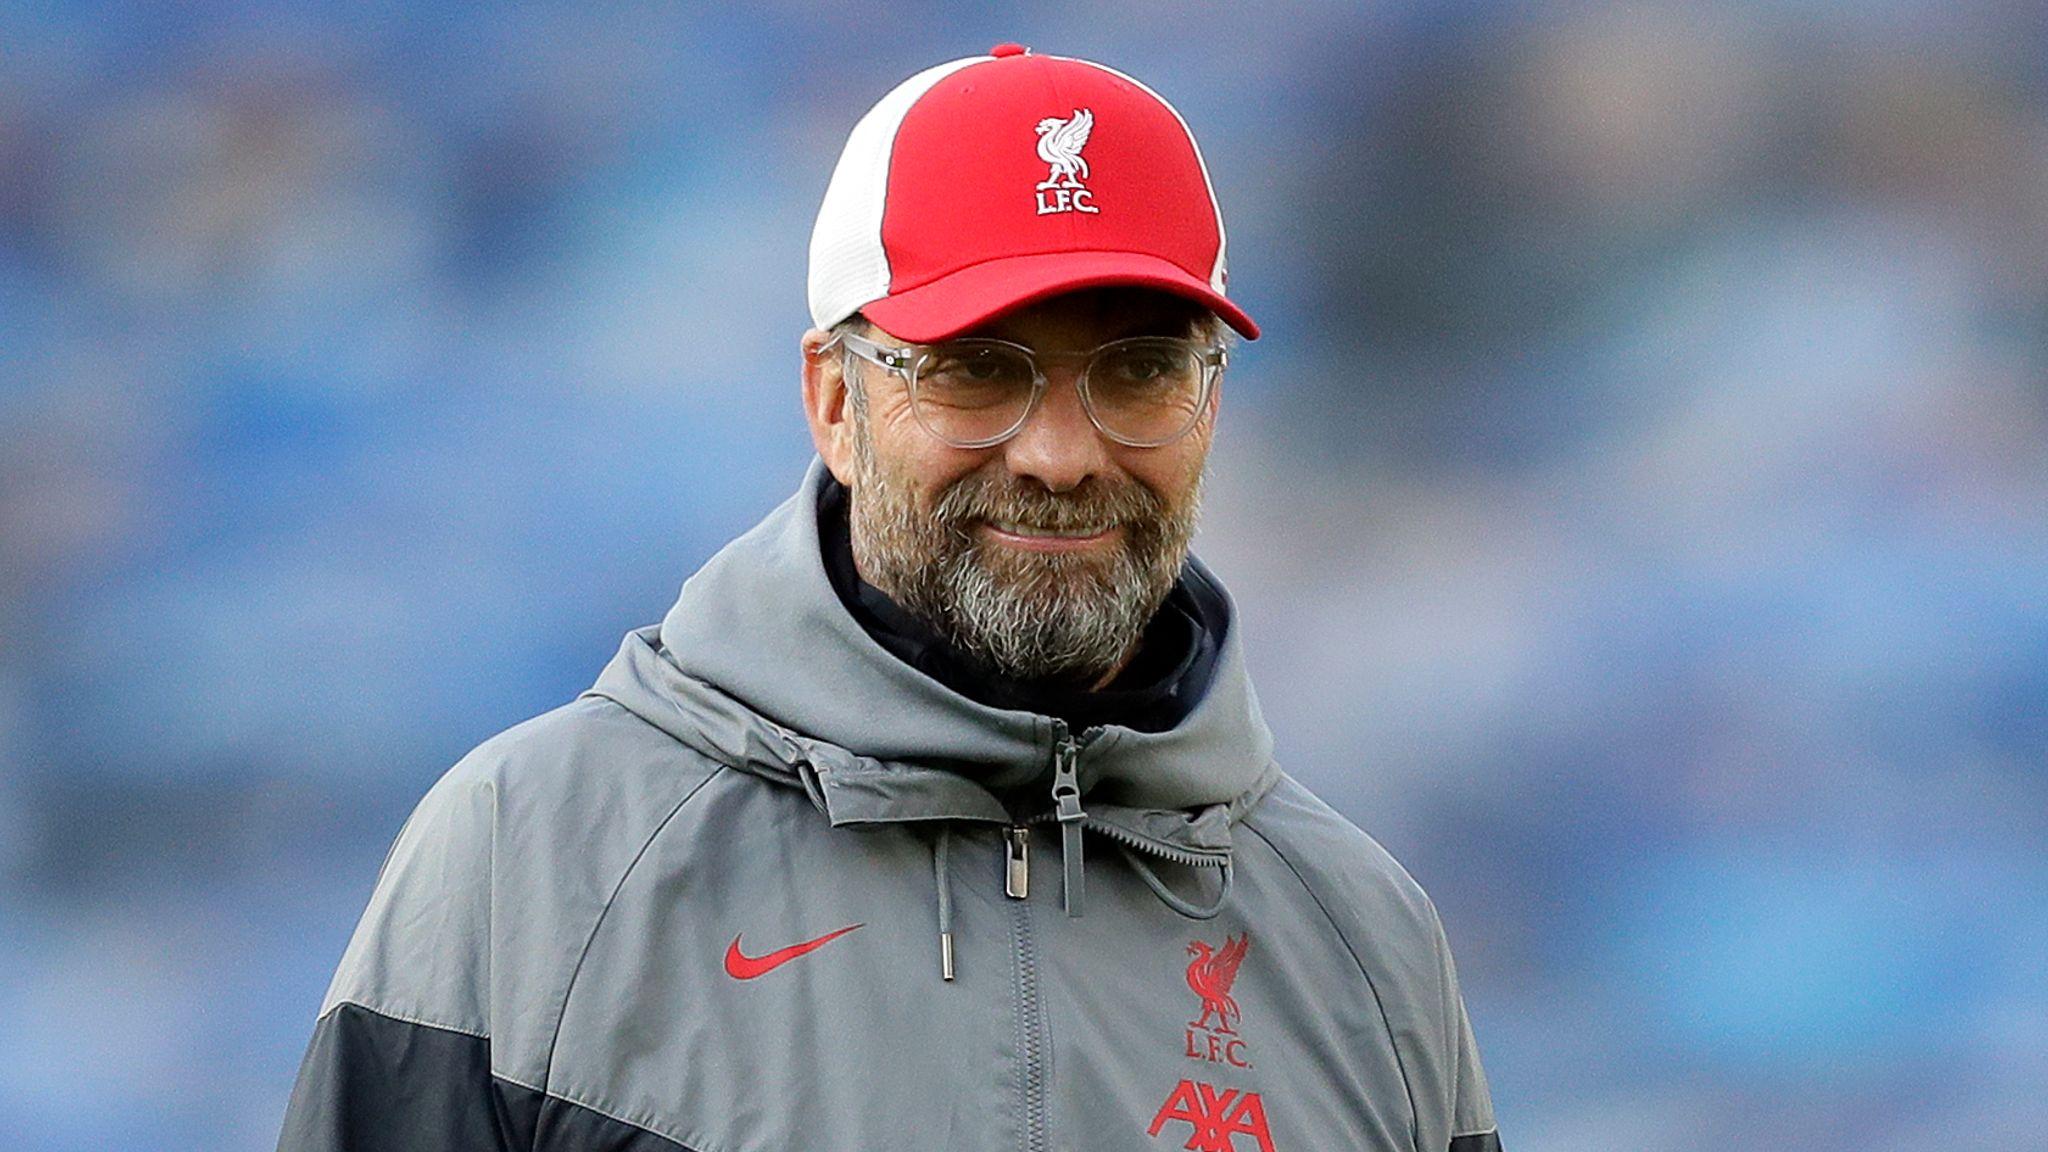 Liverpool manager Jurgen Klopp is under severe pressure